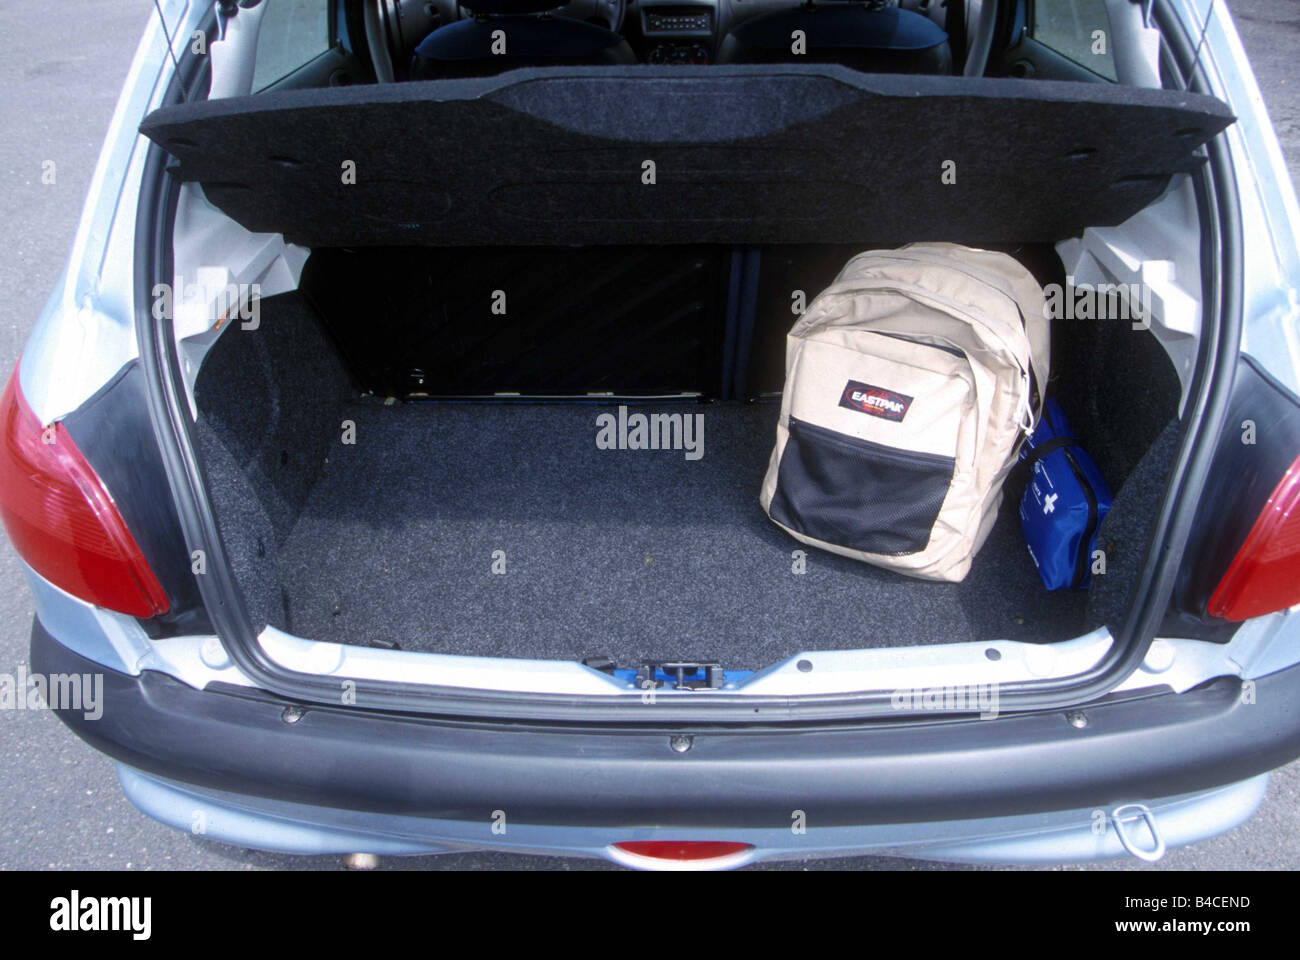 Voiture, Peugeot 206 HDI, Limousine, petite env., l\u0027année de modèle 1998 et  2003, argent, vue dans le sabot, la technique/accessoire, accessoires